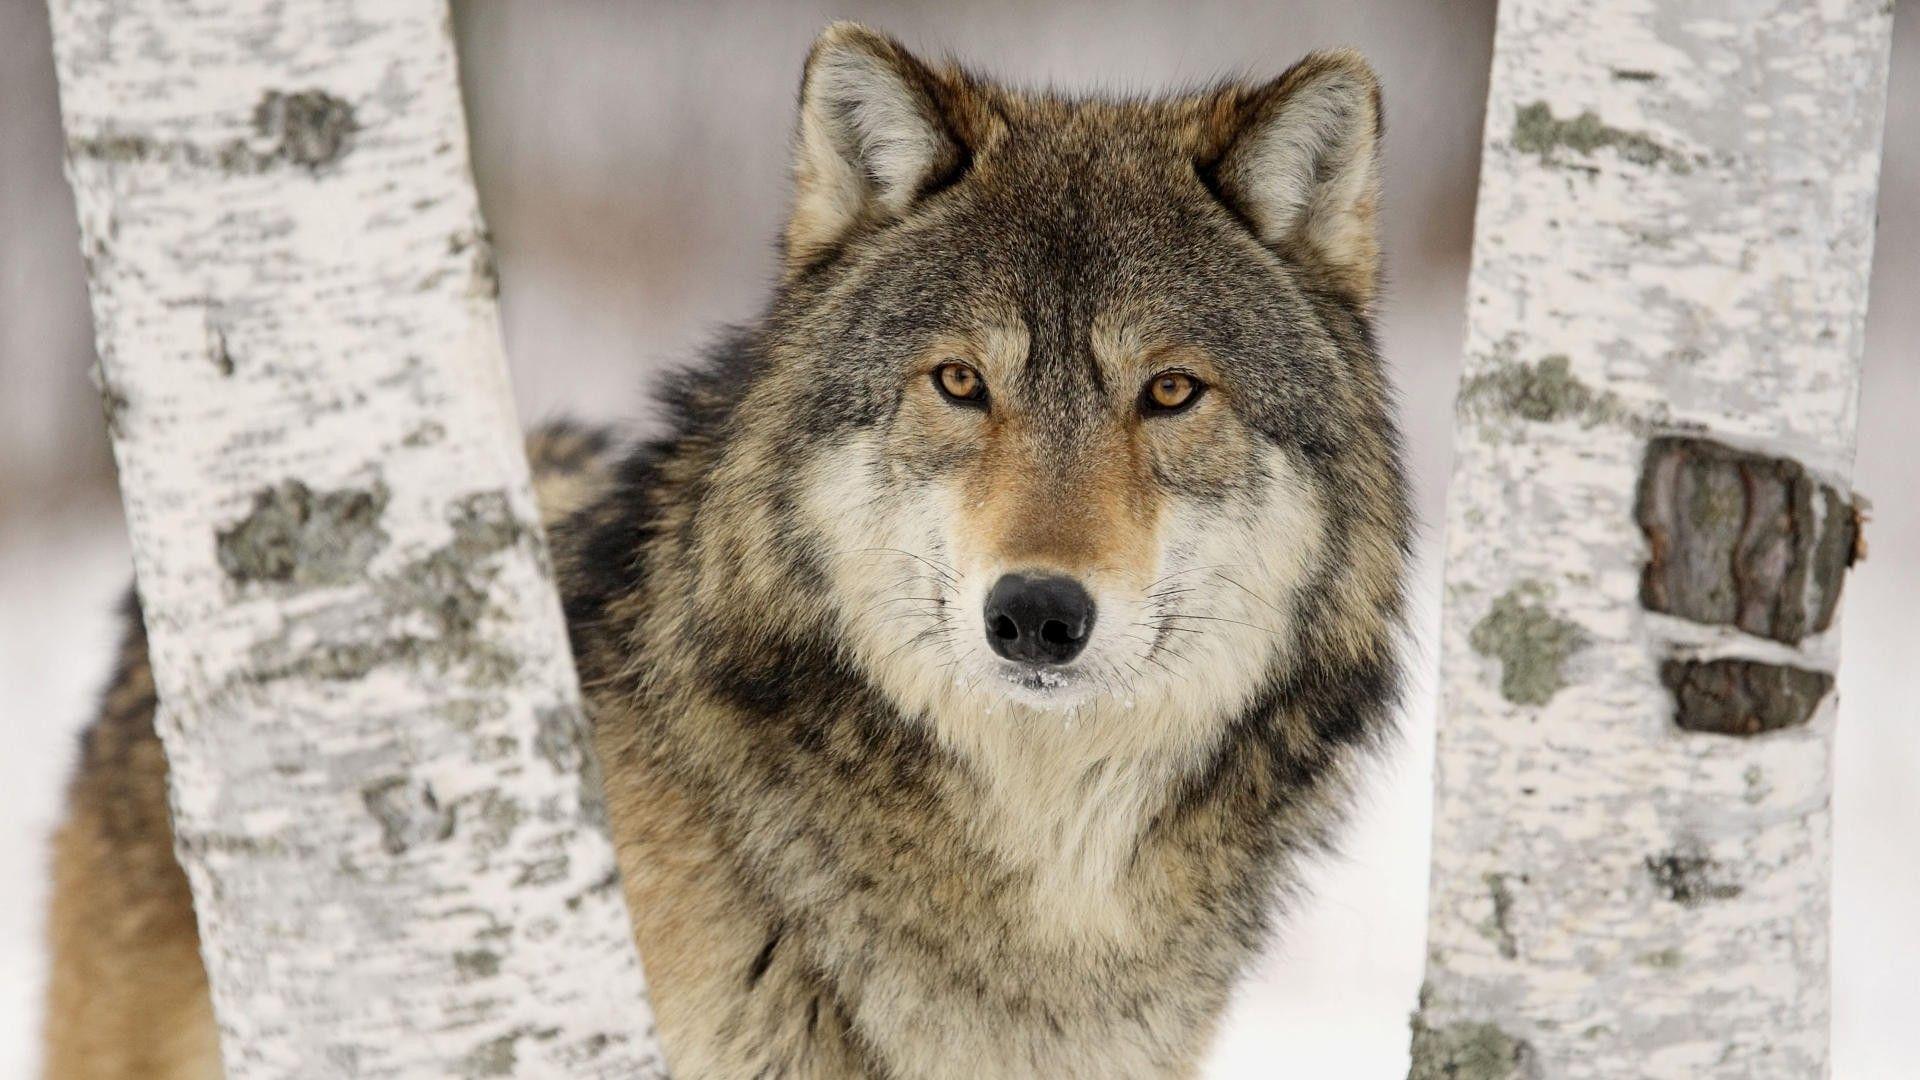 Hình nền chó sói 1920x1080 HD 43159 1920x1080 px